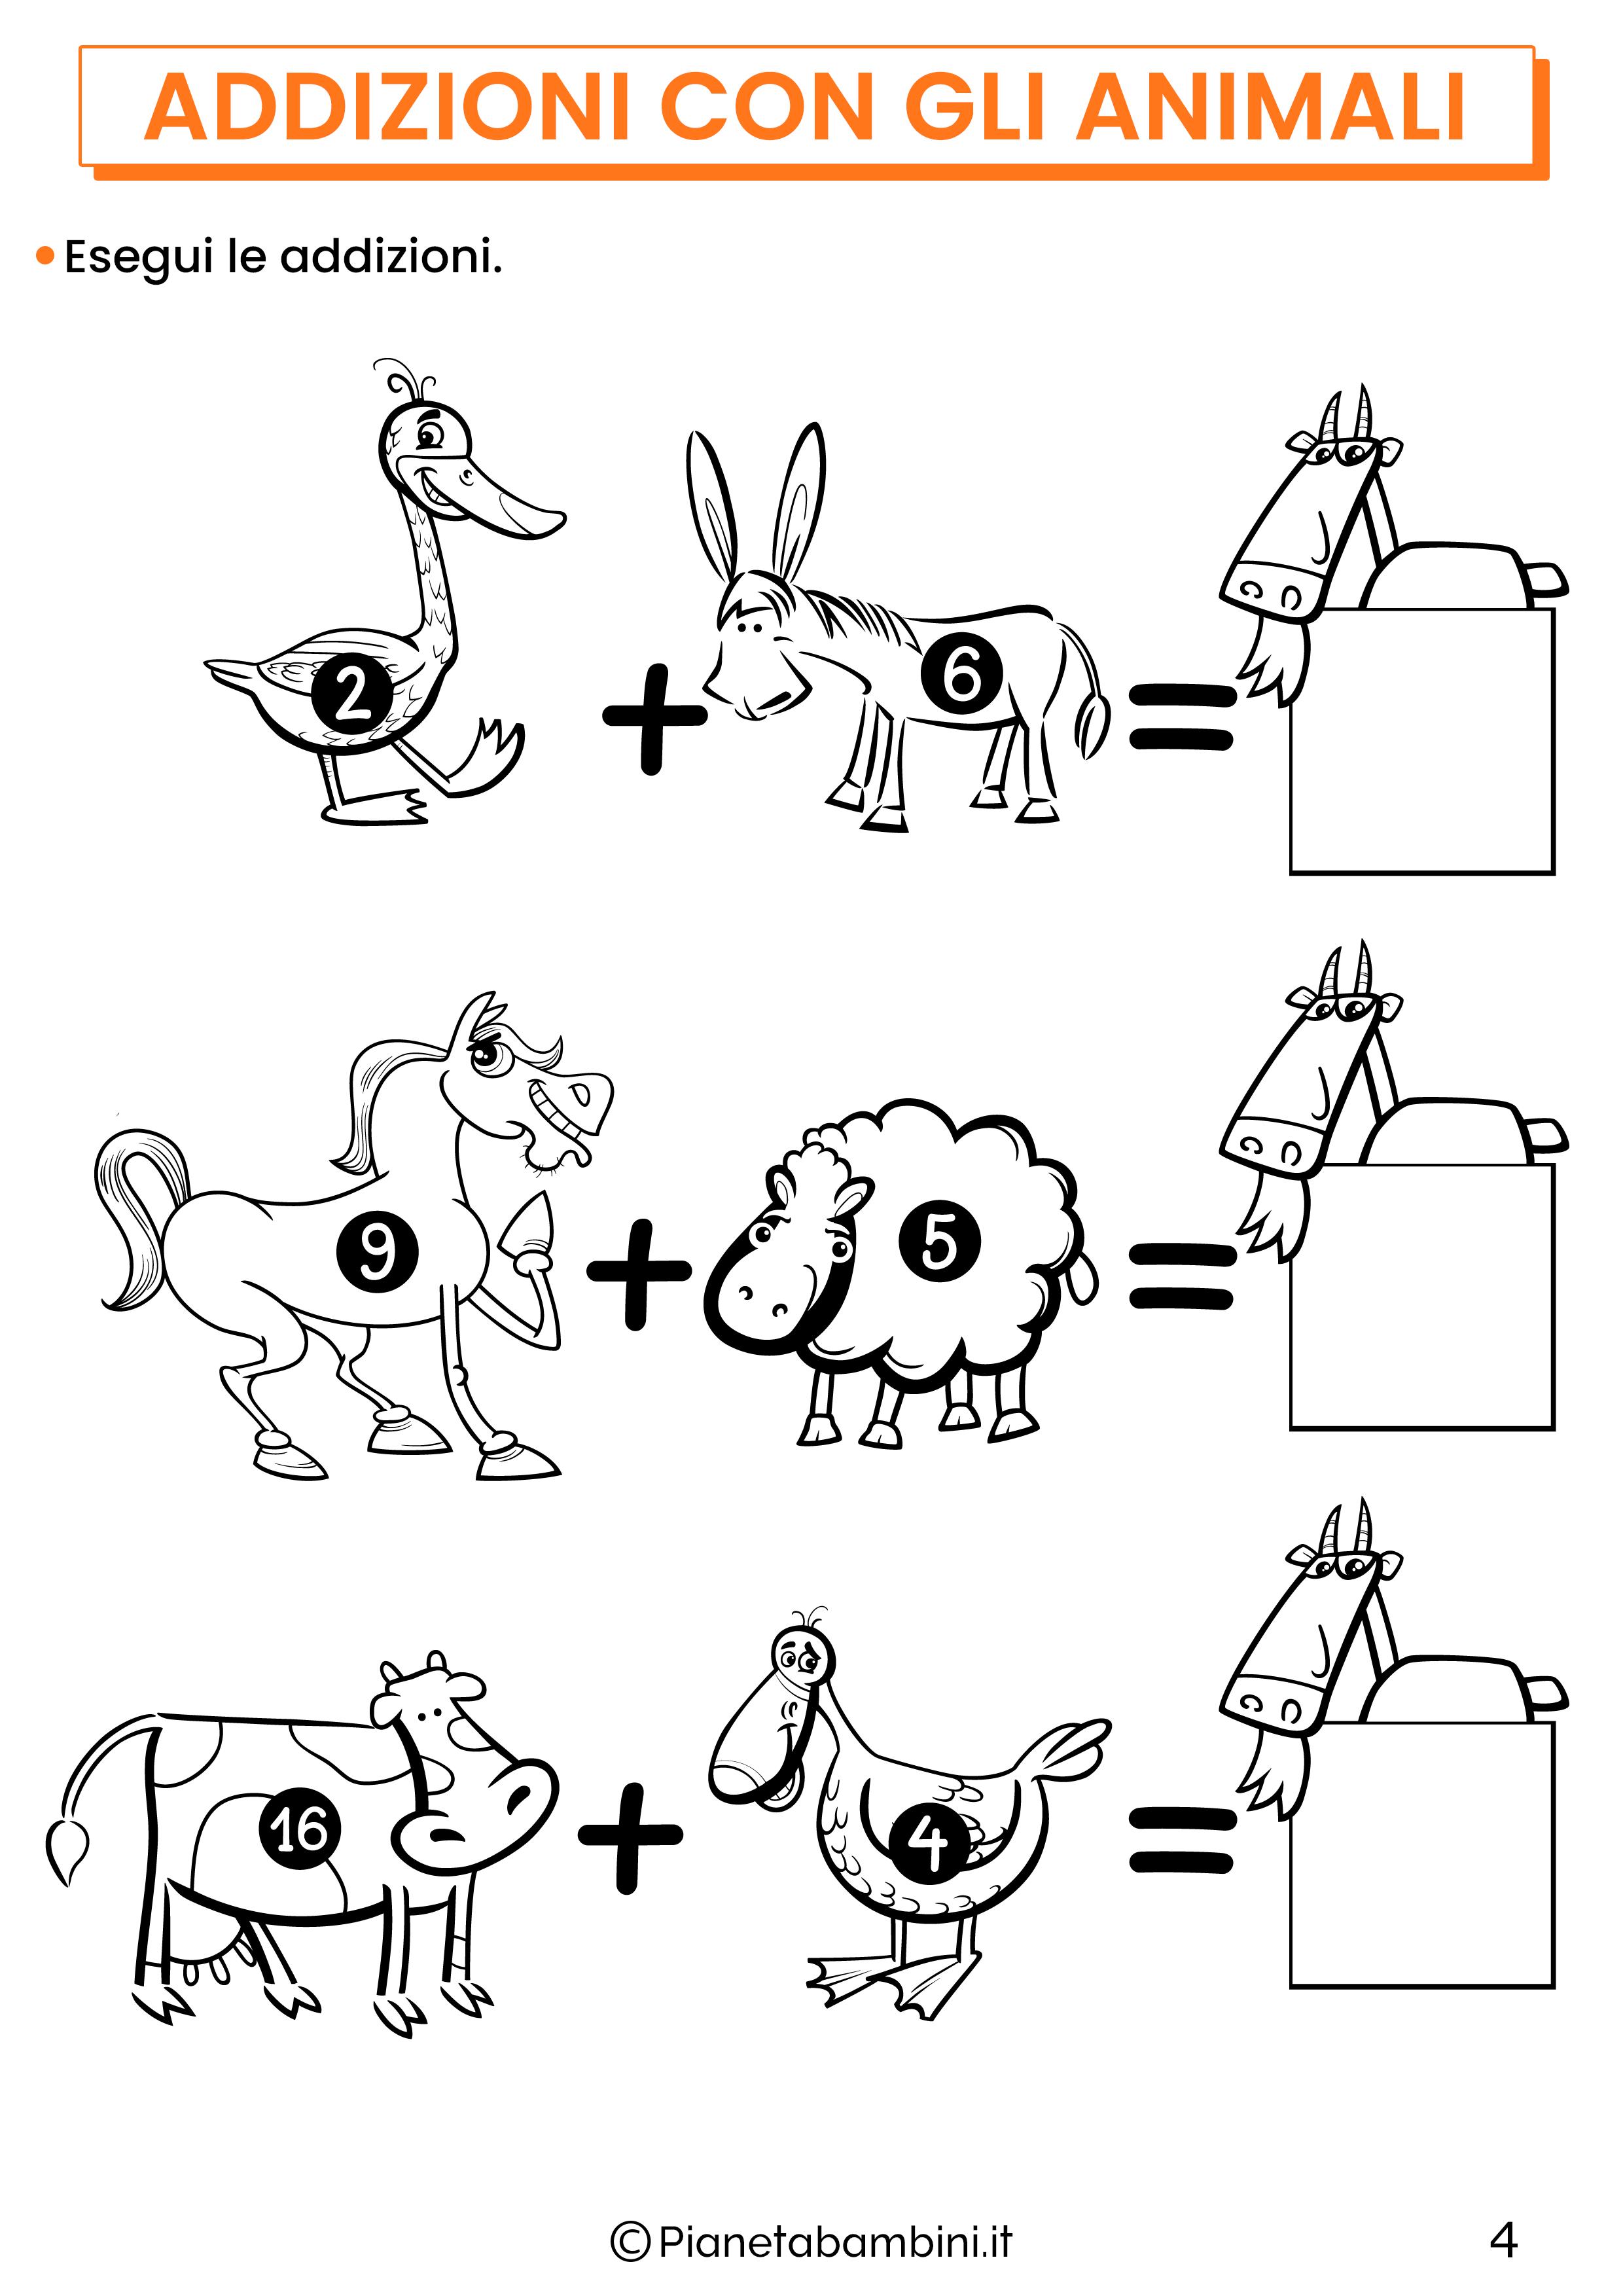 Addizioni con gli animali per la classe prima pagina 4